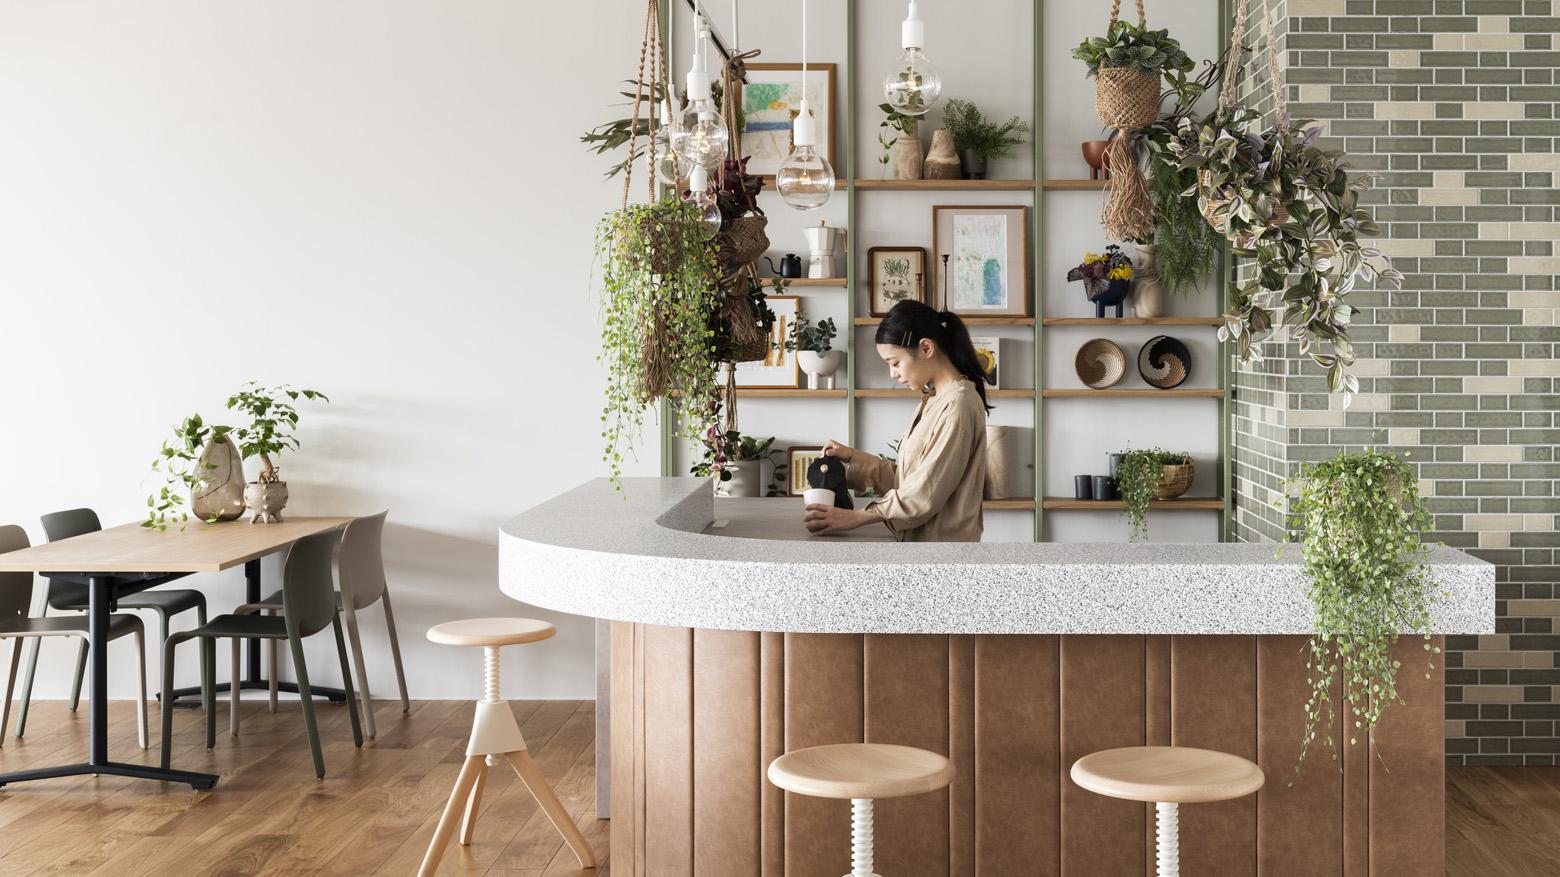 東洋アルミニウム株式会社 Cafe Counter デザイン・レイアウト事例